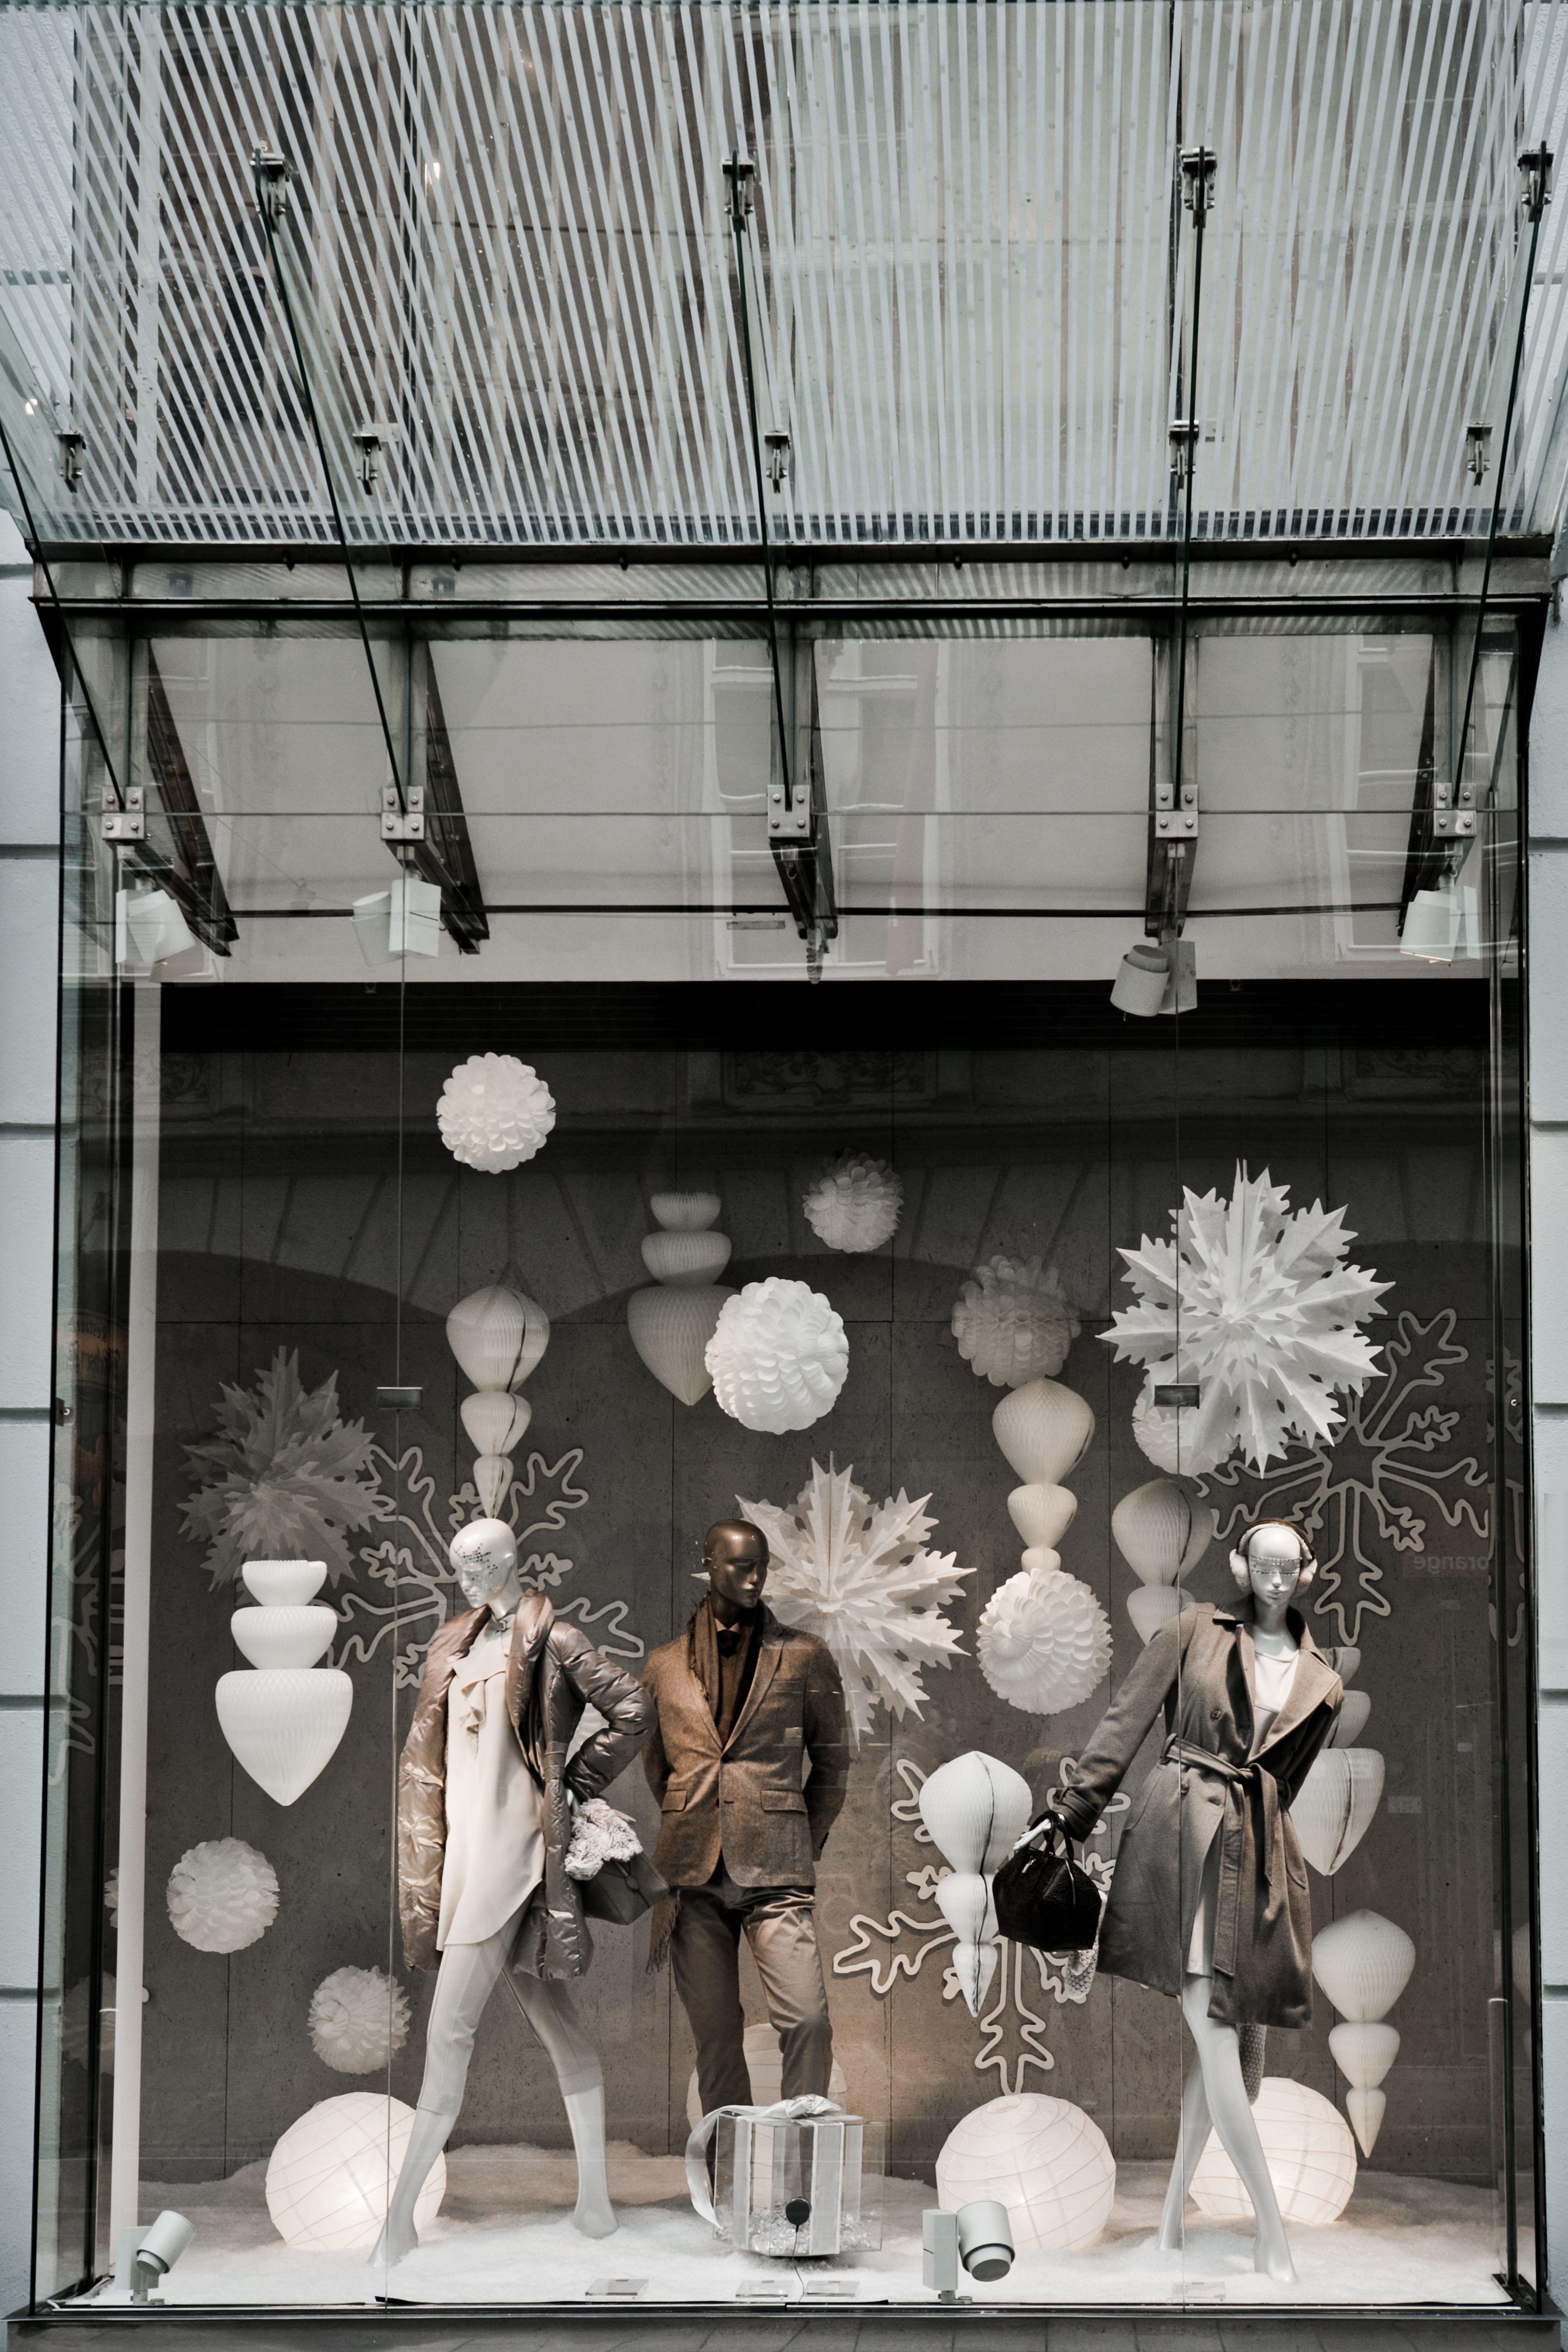 Malerisch Schaufensterdekoration Beispiele Foto Von Christmas Window Display Kastner&Öhler. Weihnachtsschaufensterweihnachtsfensterschaufensterweiße